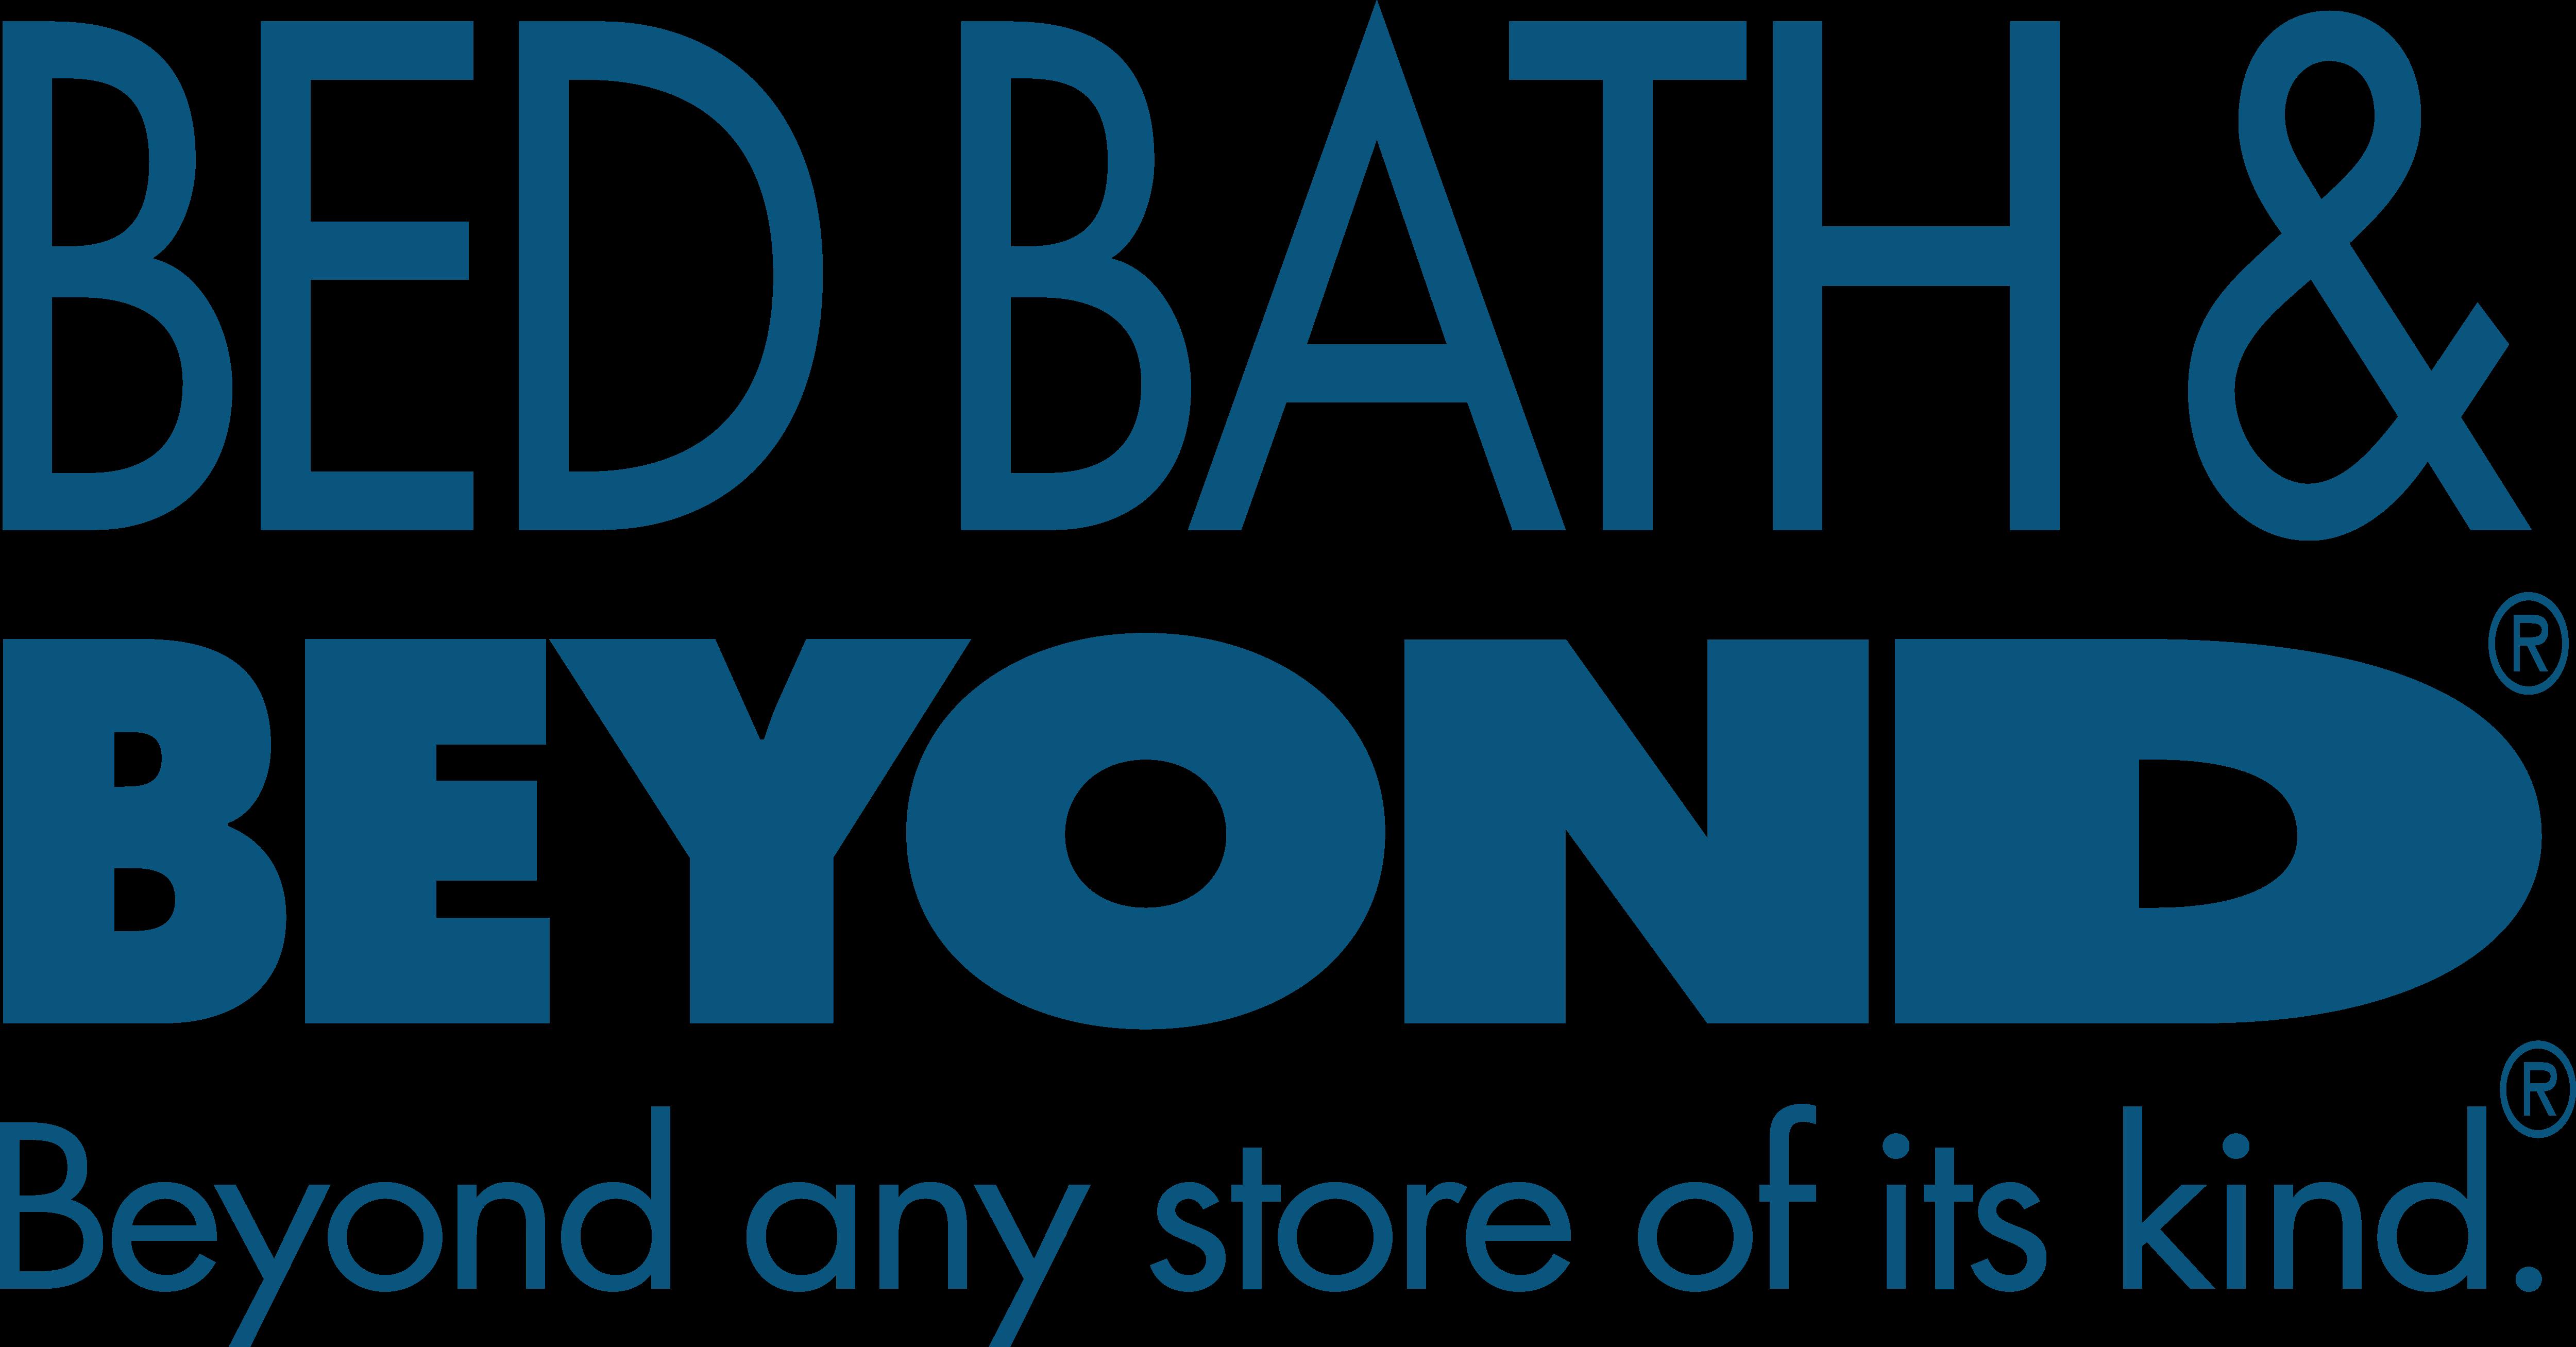 Bed Bath Amp Beyond Logos Download